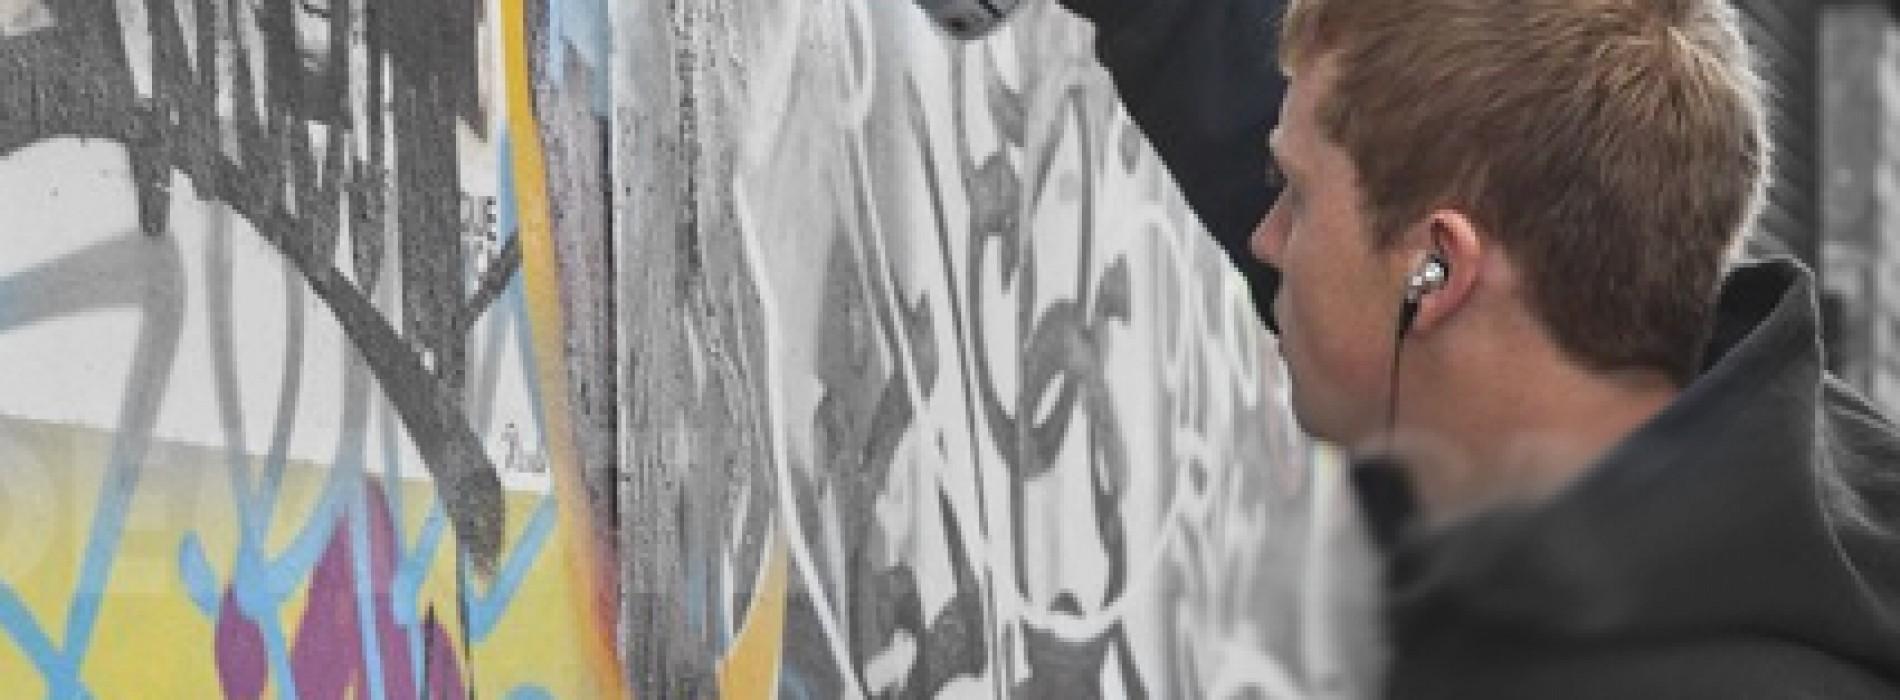 فنان جرافيكس يطقطق على البلدية عشان يصبغون الجدار